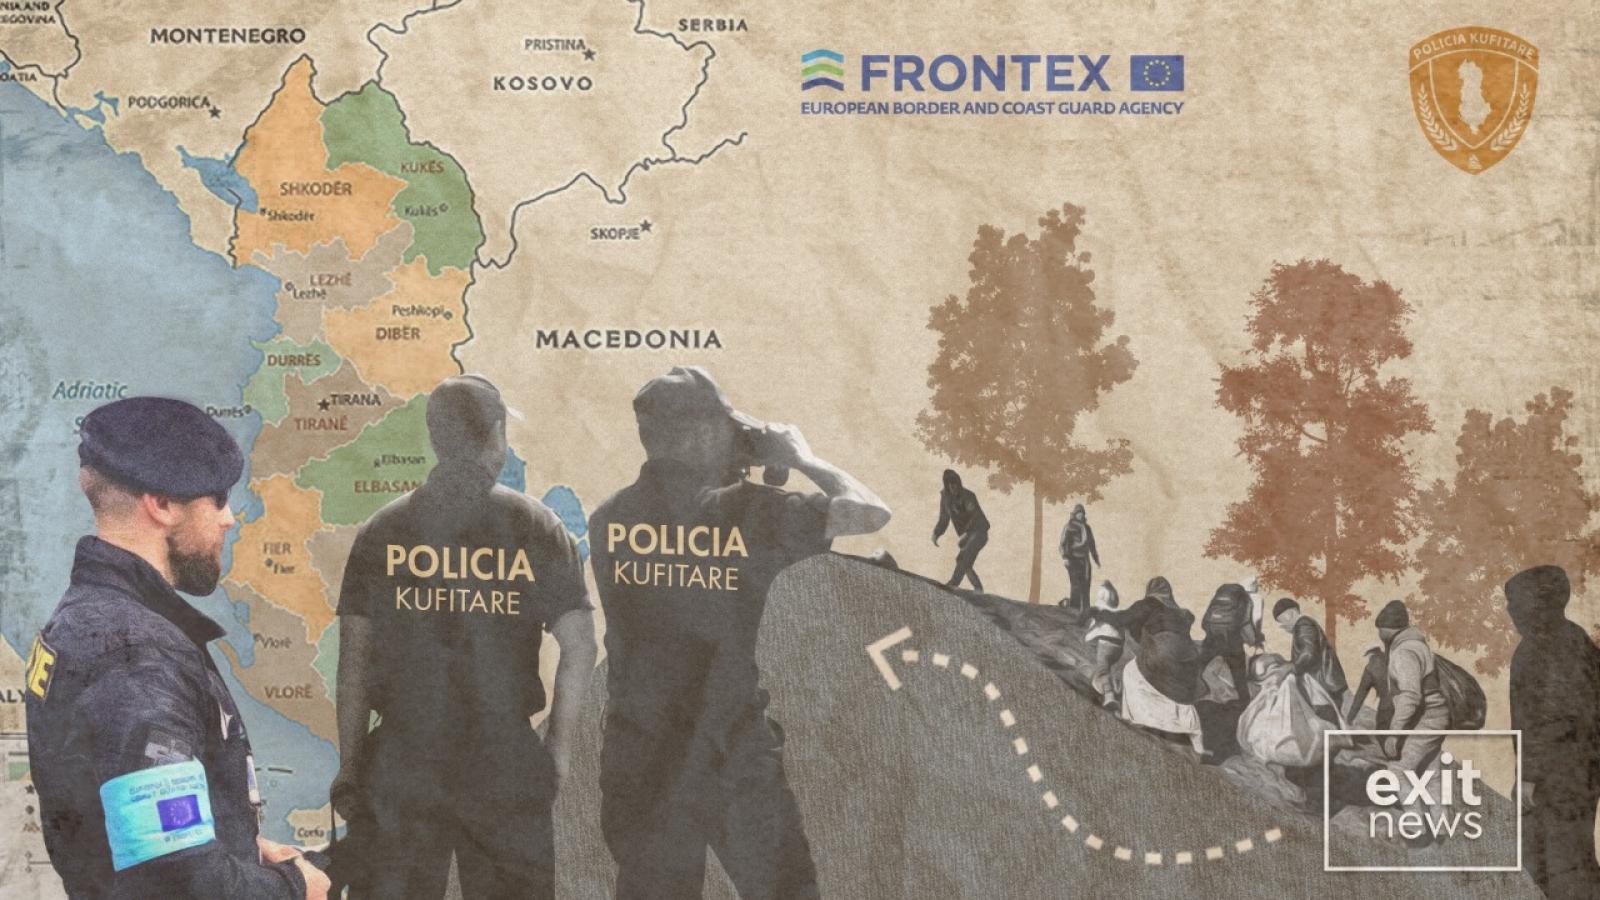 Hơn 8.000 người di cư trái phép bị bắt ở Albani trong năm 2020